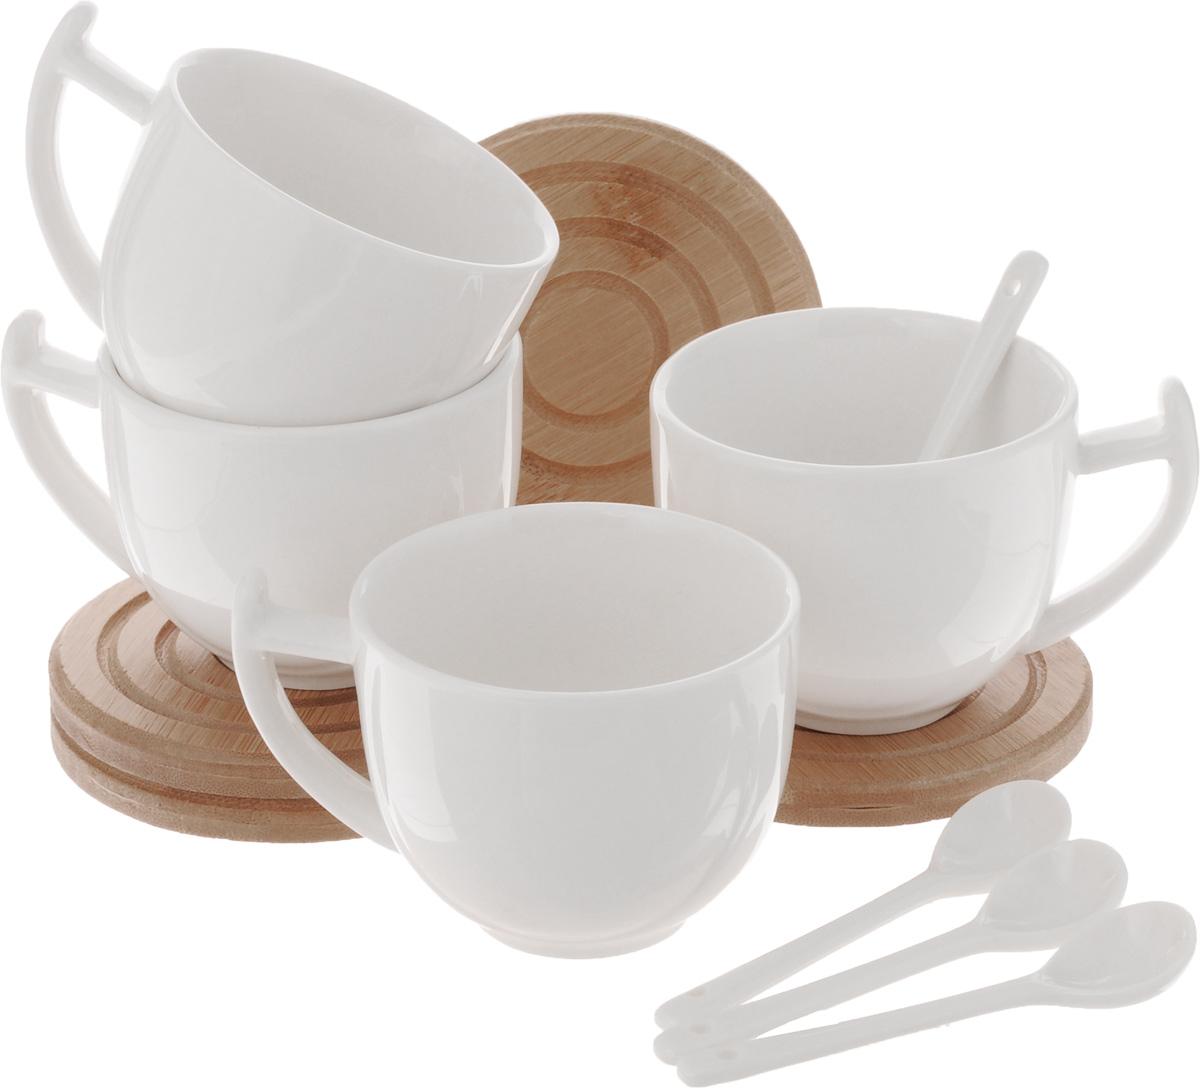 Набор чайный EcoWoo, 12 предметов2012244UНабор чайный EcoWoo - это не только идеальный подарок, но и прекрасный повод побаловать себя! Набор состоит из 4 фарфоровых чашек, 4 бамбуковых подставок и 4 ложек. Такой набор станет идеальным решением для ценителей экологичных деталей в интерьере и поклонников здорового образа жизни. Не использовать в посудомоечной машине. Объем кружки: 300 мл. Диаметр кружки (по верхнему краю): 8 см. Высота кружки: 6,5 см. Диаметр подставки: 10 см. Длина ложки: 10,5 см.